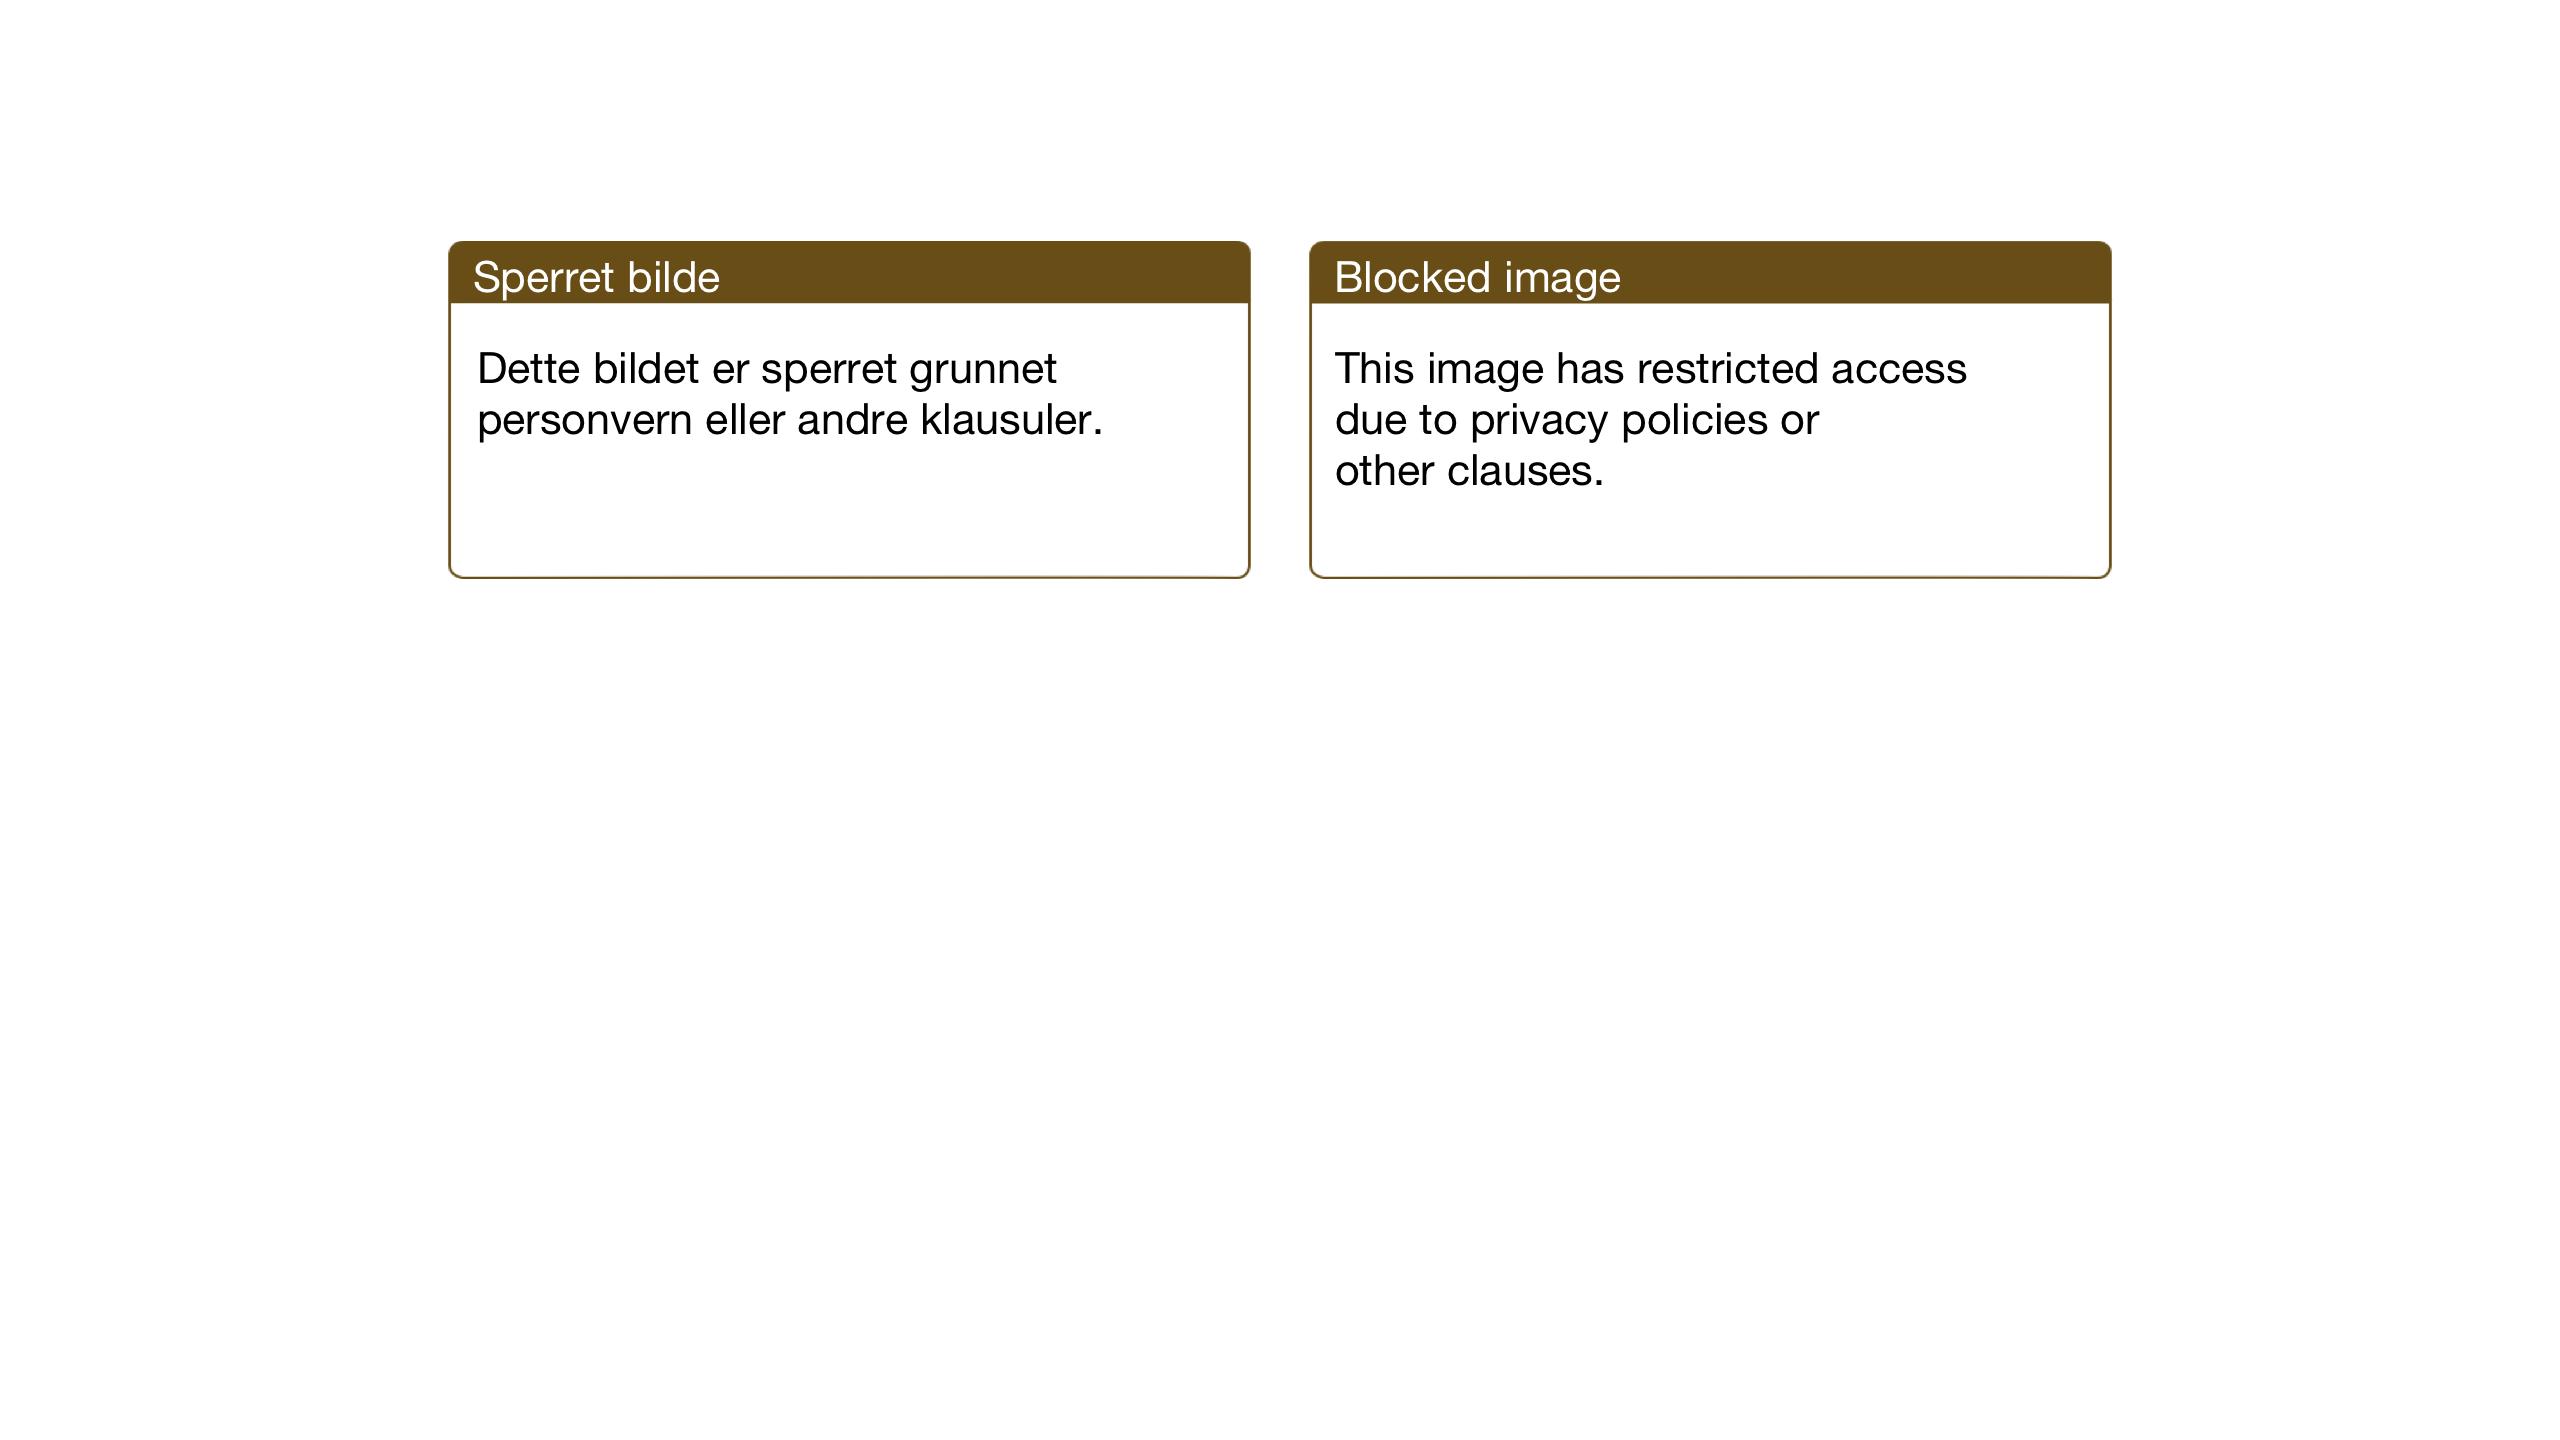 SAT, Ministerialprotokoller, klokkerbøker og fødselsregistre - Nord-Trøndelag, 733/L0328: Klokkerbok nr. 733C03, 1919-1966, s. 74